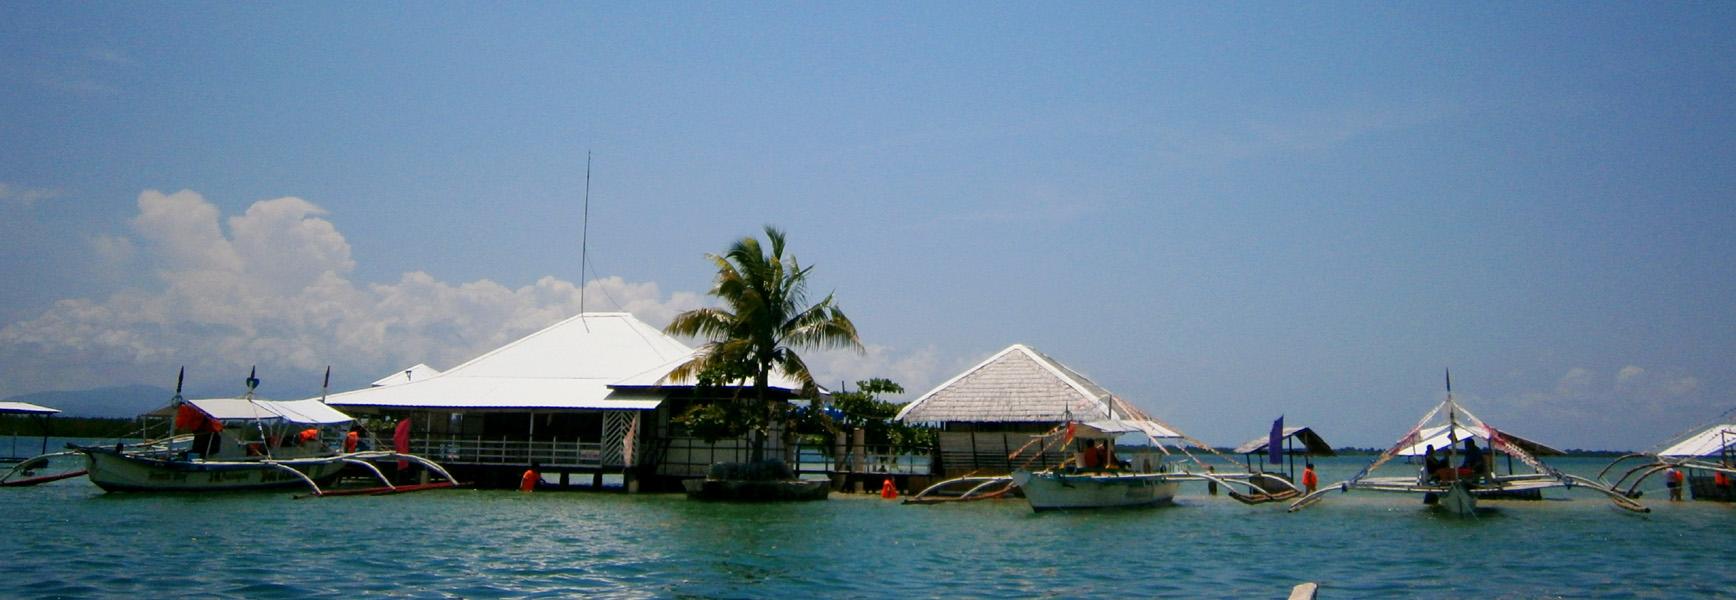 Approaching Luli Island